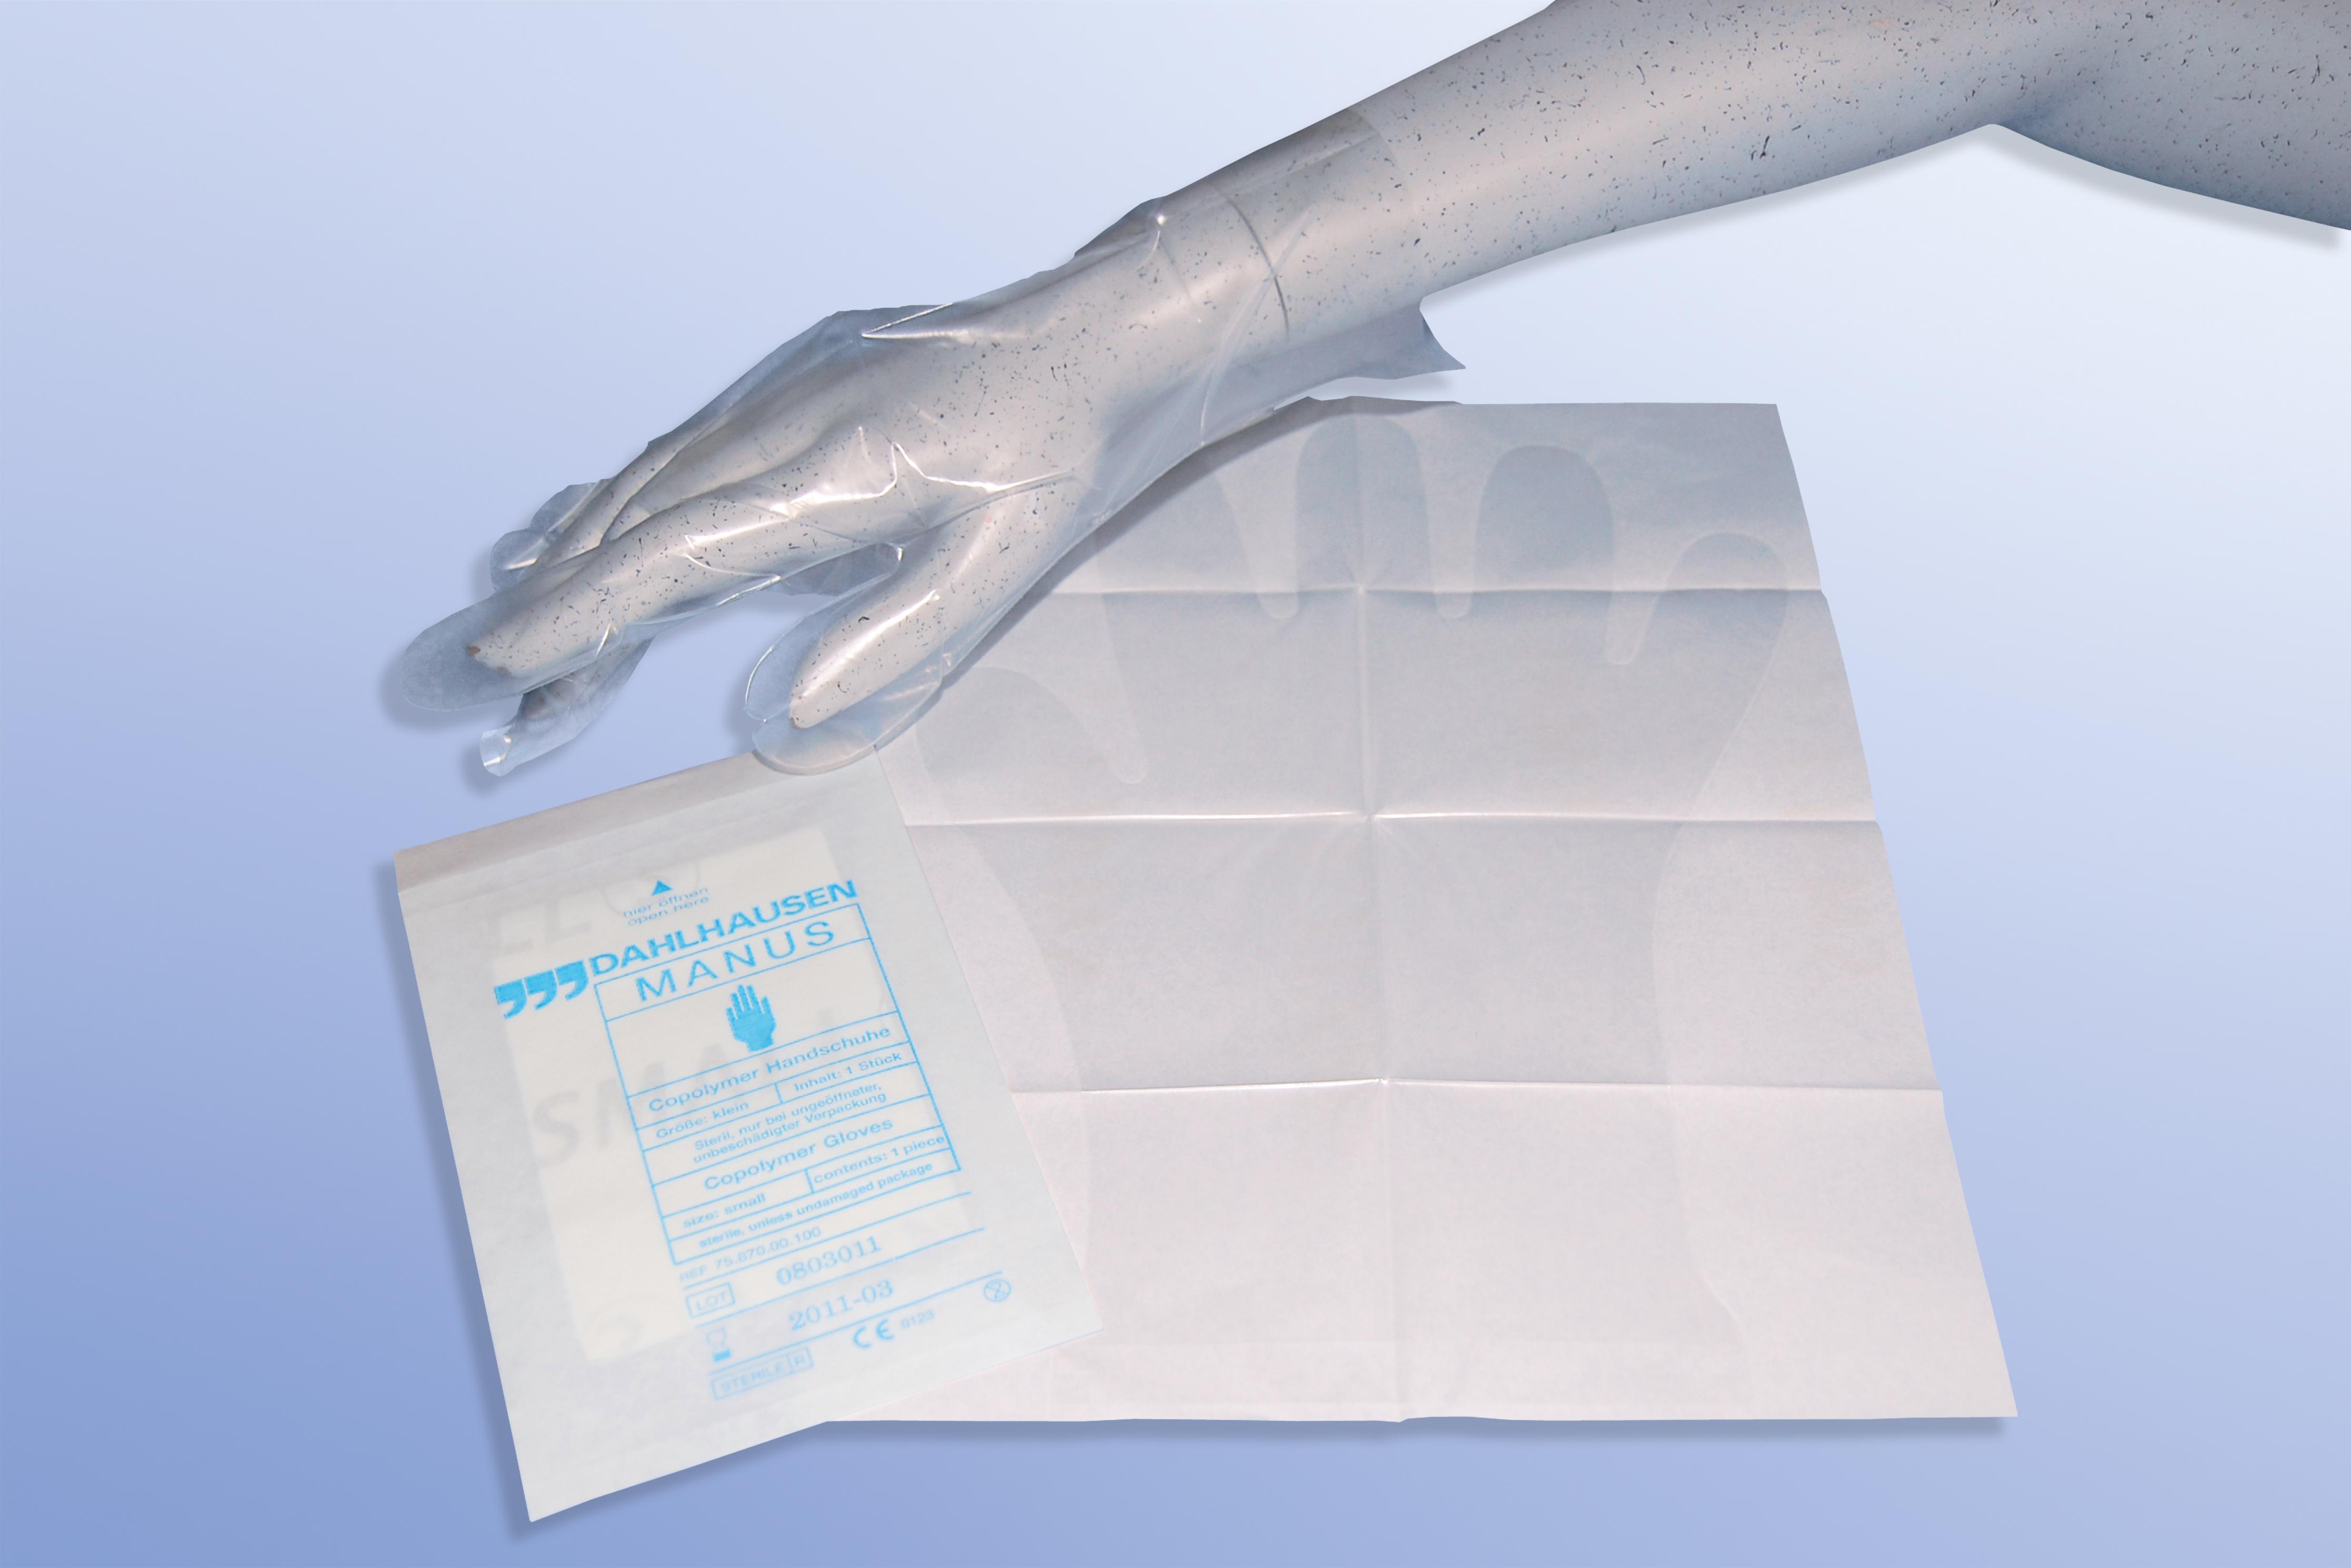 Copolymer-Untersuchungshandschuhe, einzeln, Größe M, Packung â 100 Stück